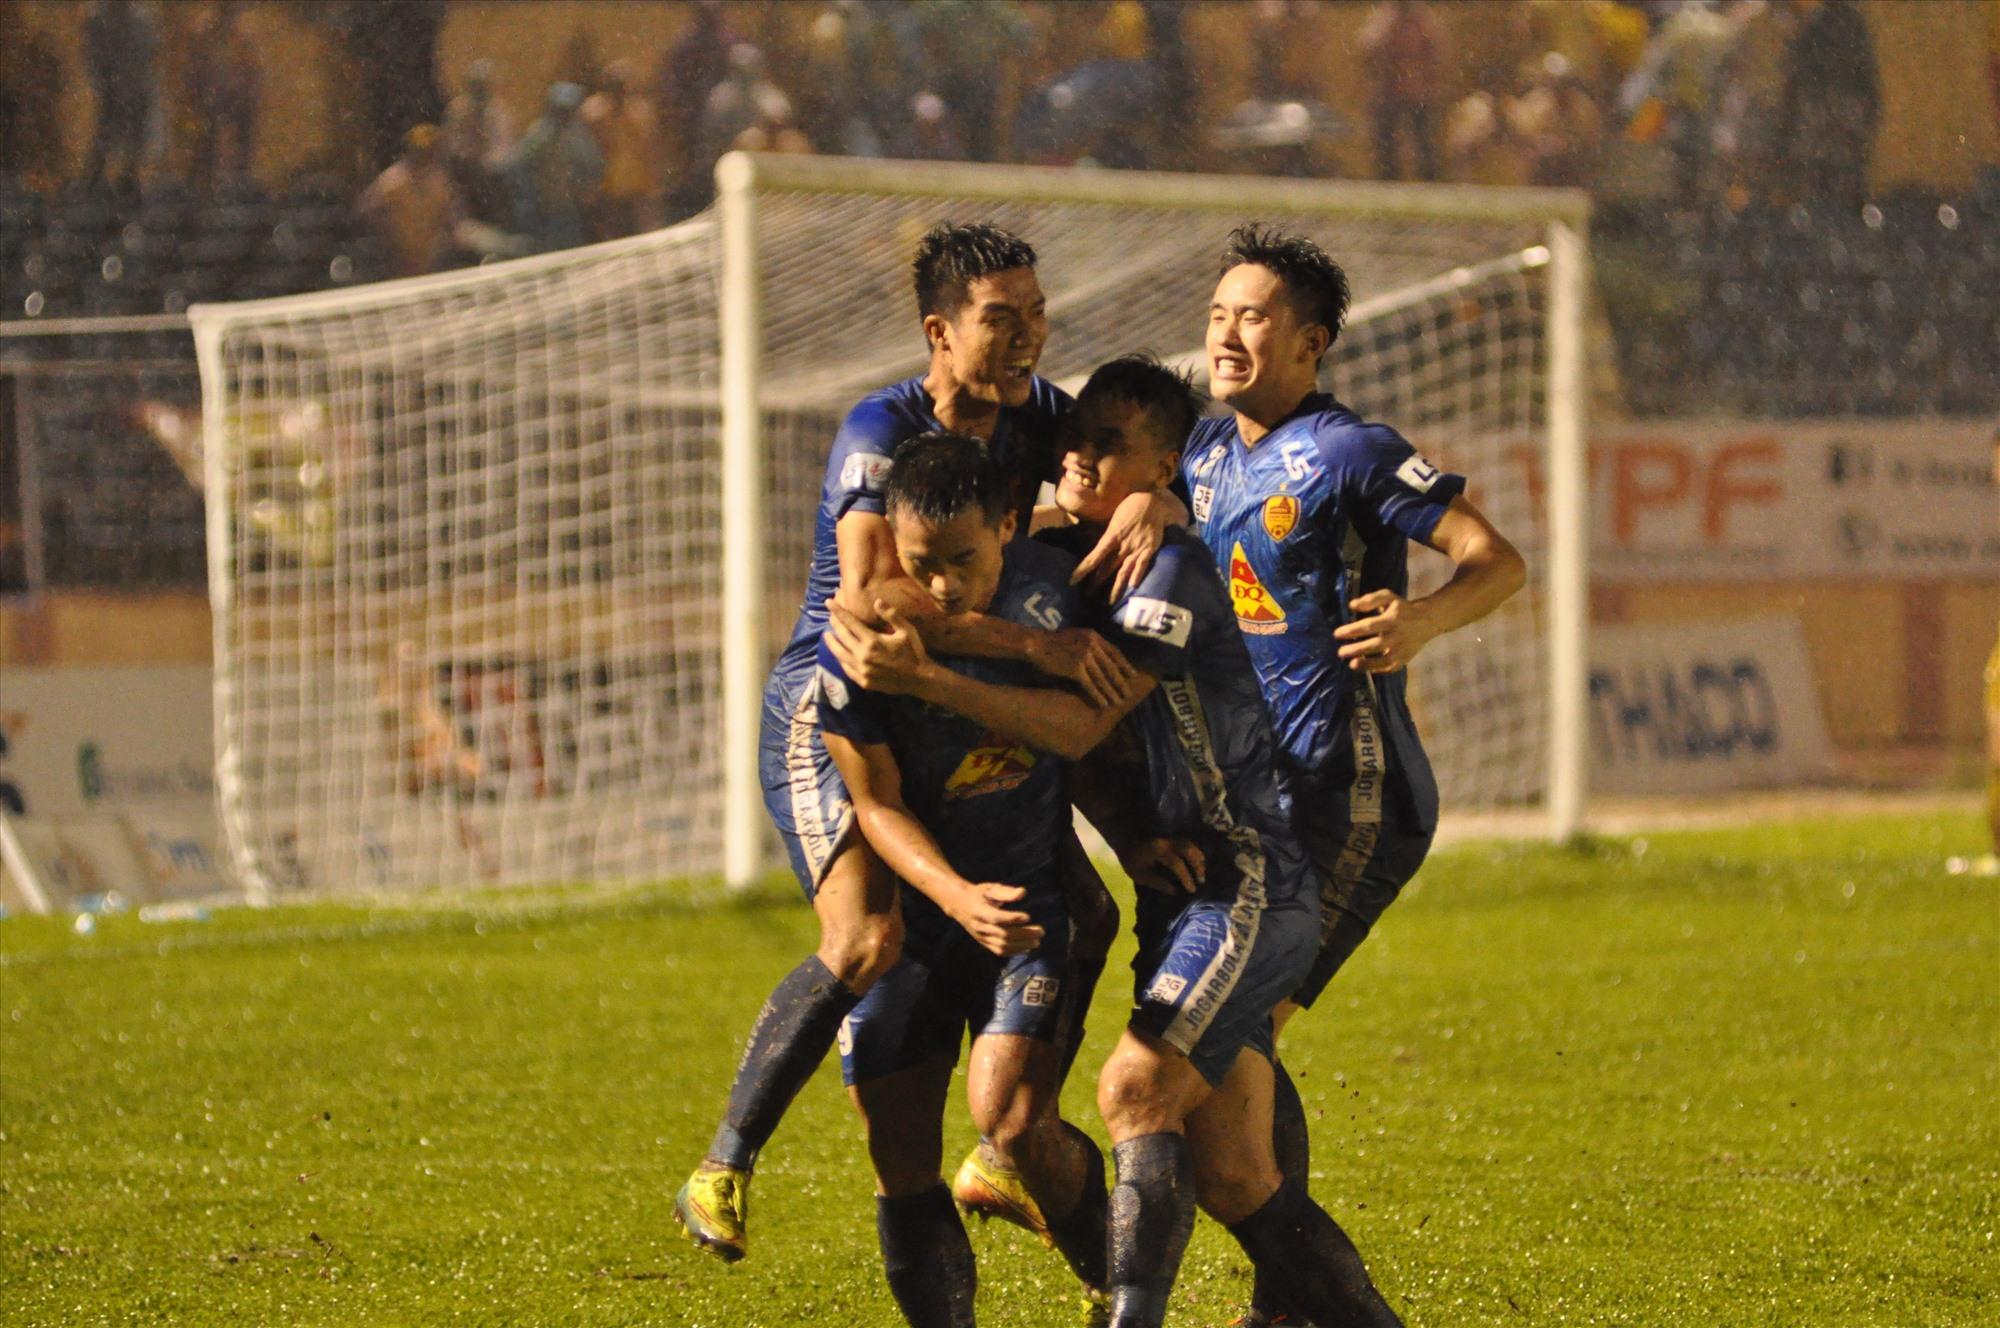 Niềm vui của đội Quảng Nam sau khi Minh Tuấn ghi bàn thắng thứ 2. Ảnh: T.V